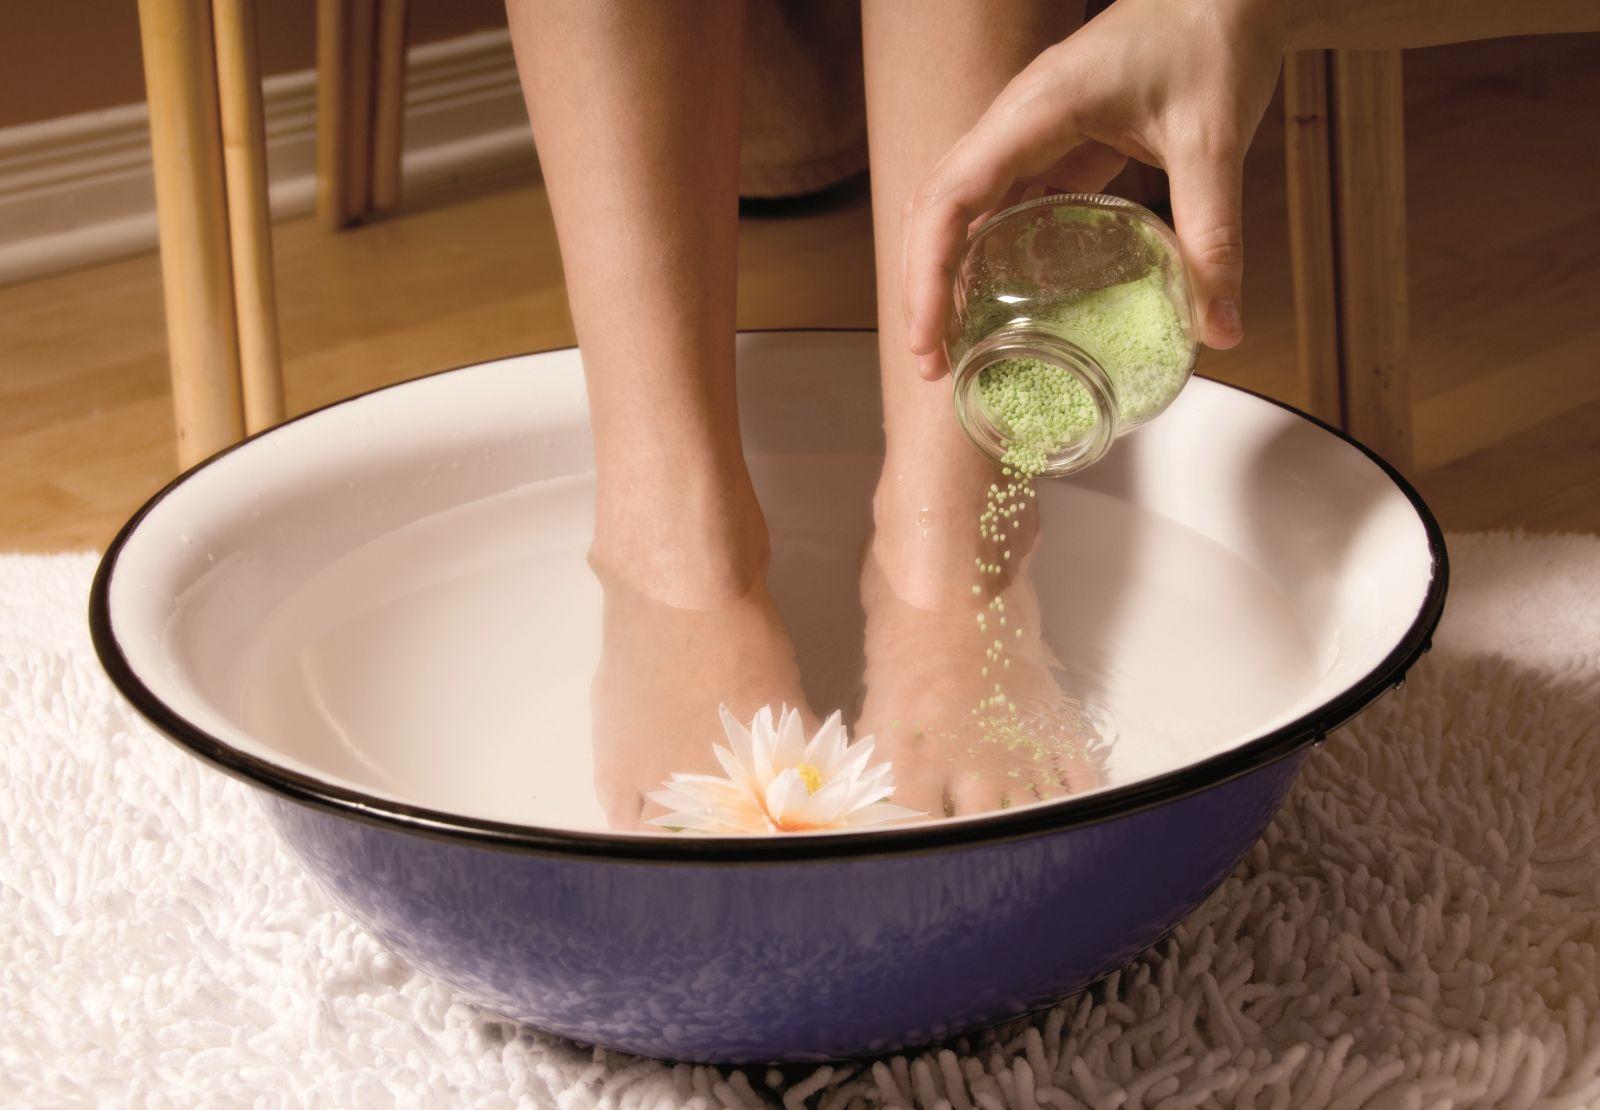 Ванночки для ног, ступней в домашних условиях с перекисью, содой, солевые: лучшие рецепты. Как делать ванночки для ног правильно?